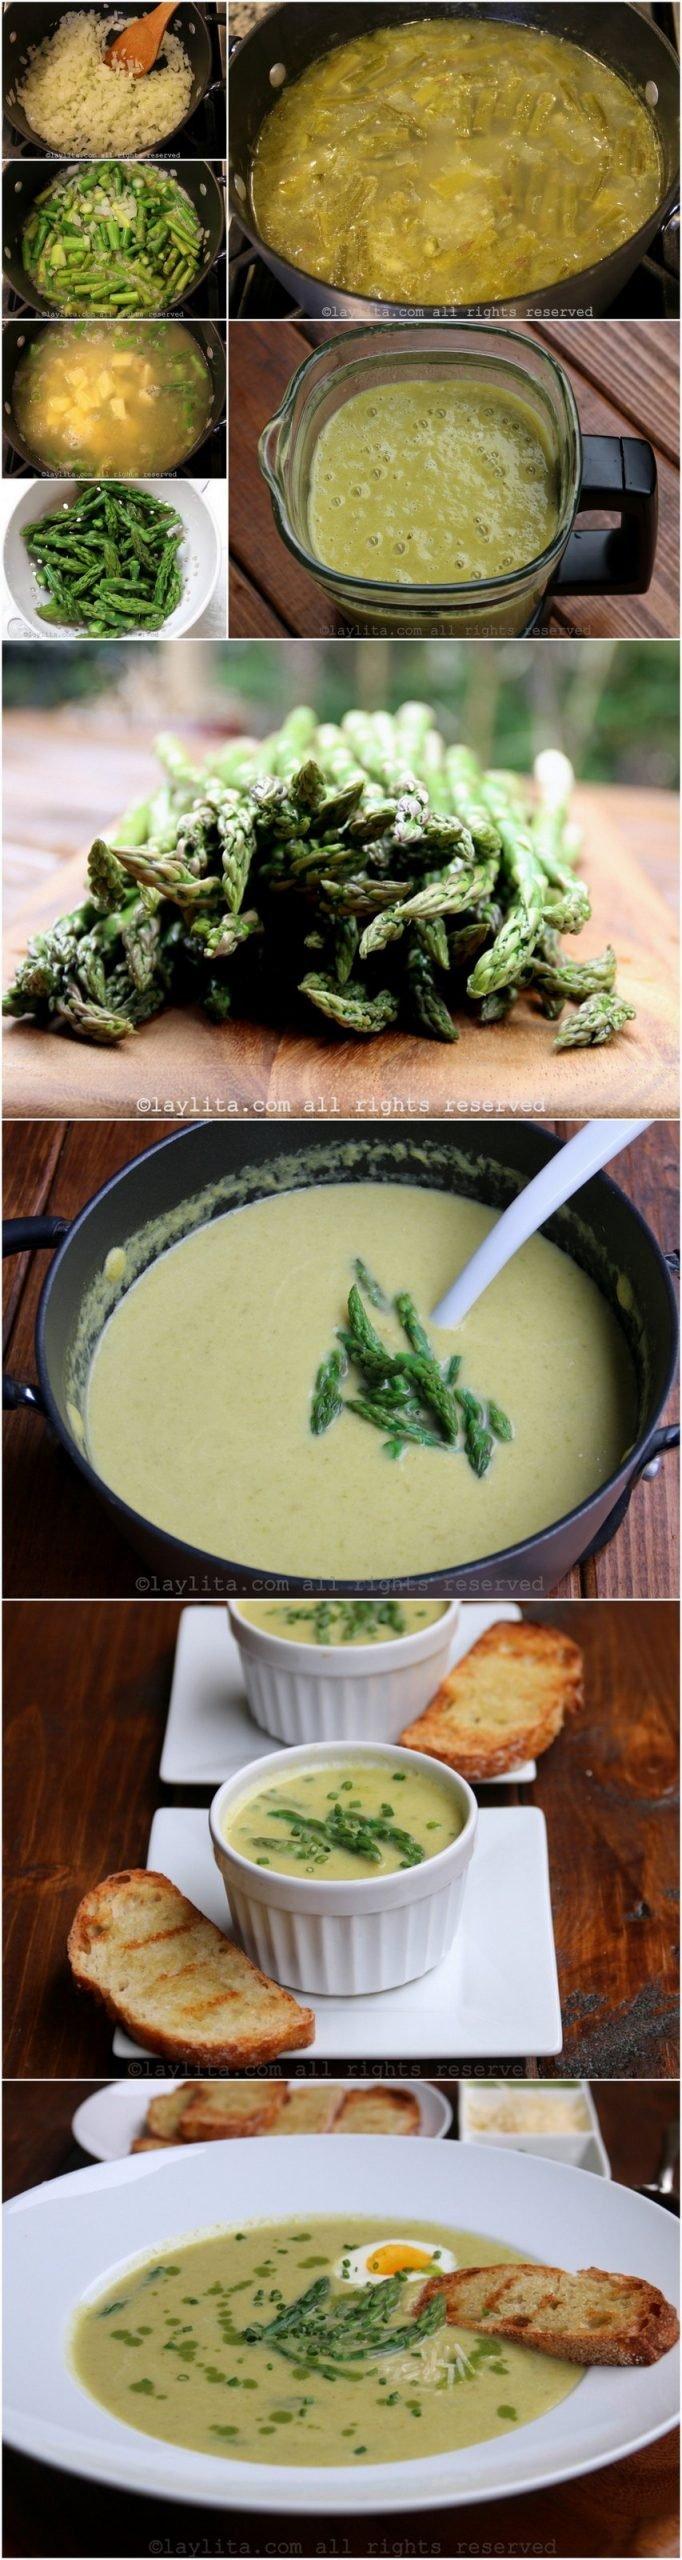 Como preparar la sopa o crema de espárragos - fotos paso a paso